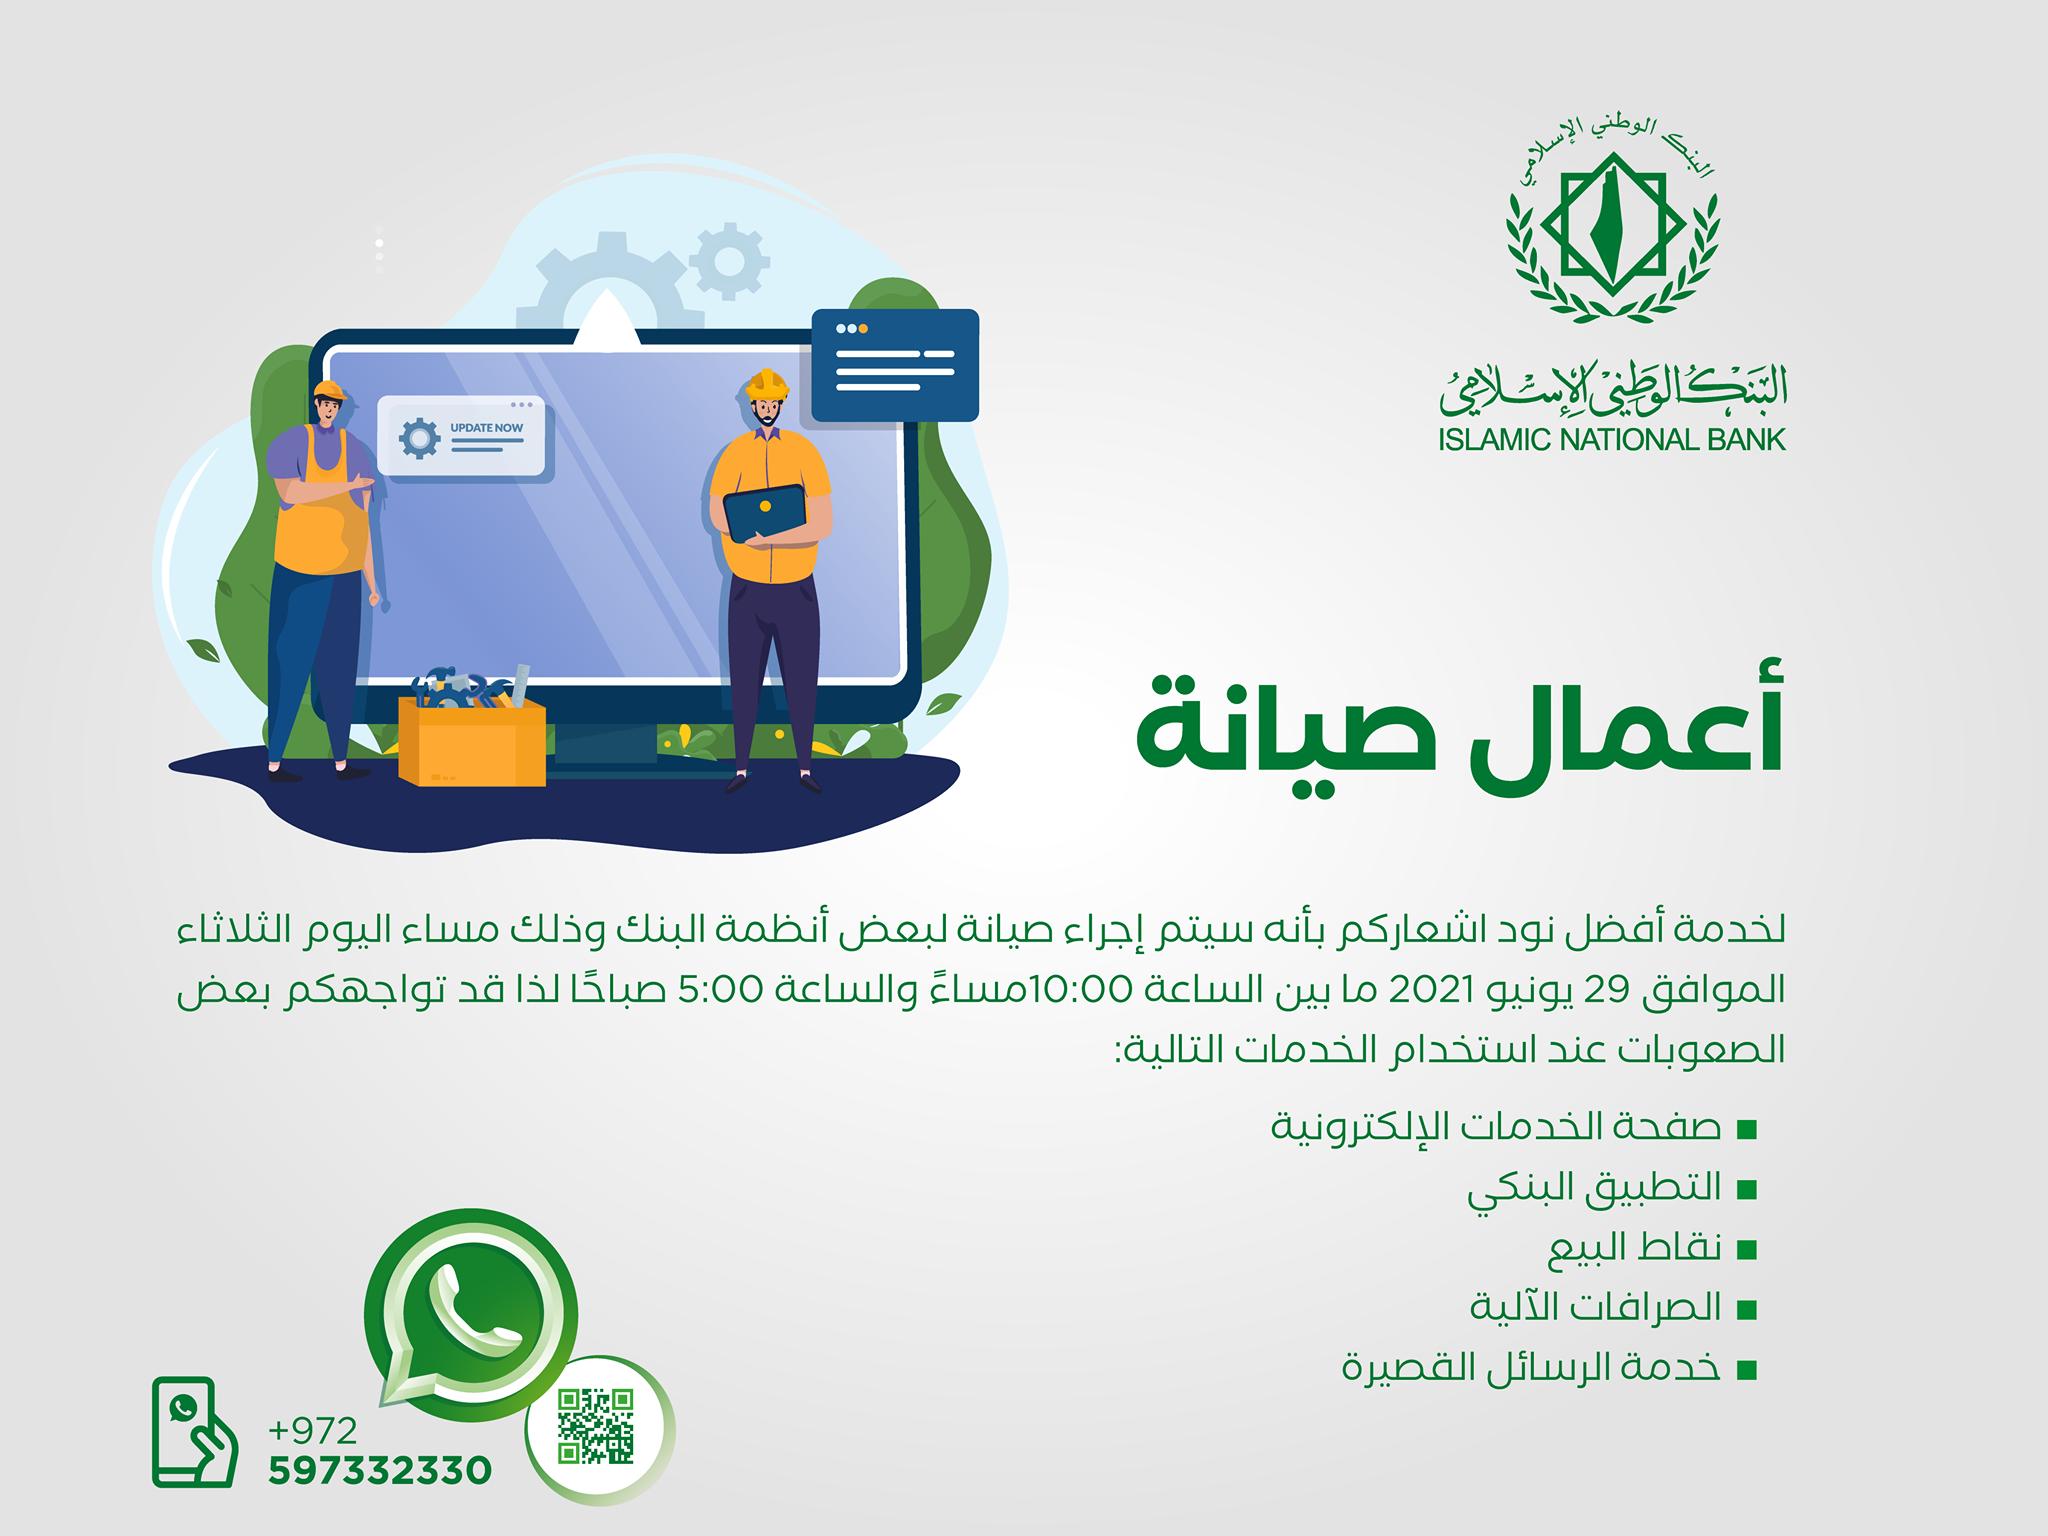 البنك الوطني الإسلامي يُصدر تنويهاً مهماً لعملائه بغزة